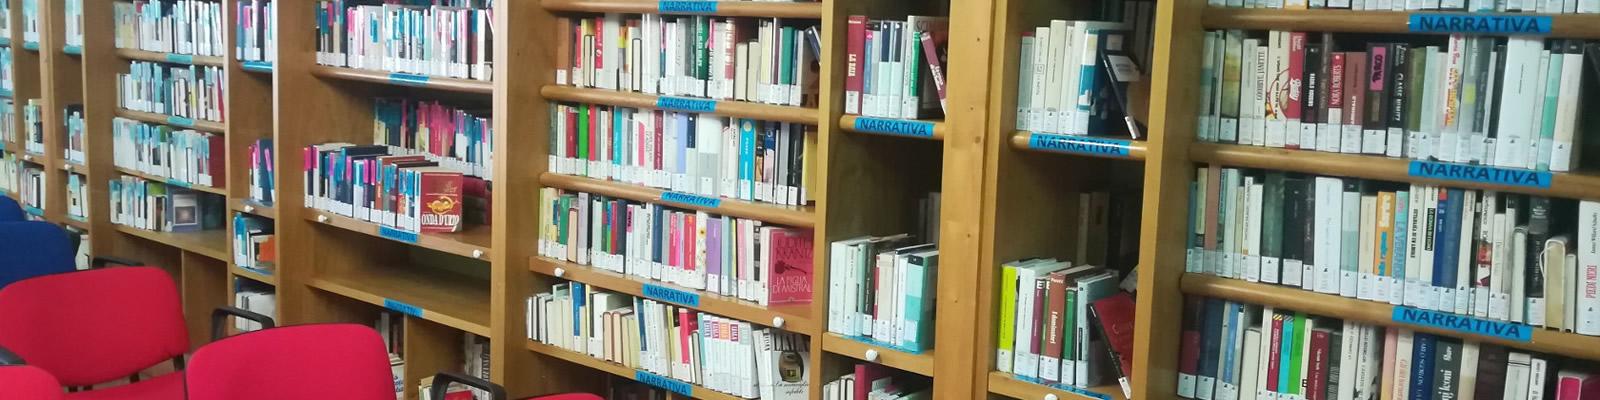 Biblioteca Laboratorio delle Idee 'Falcone e Borsellino' di Pescara